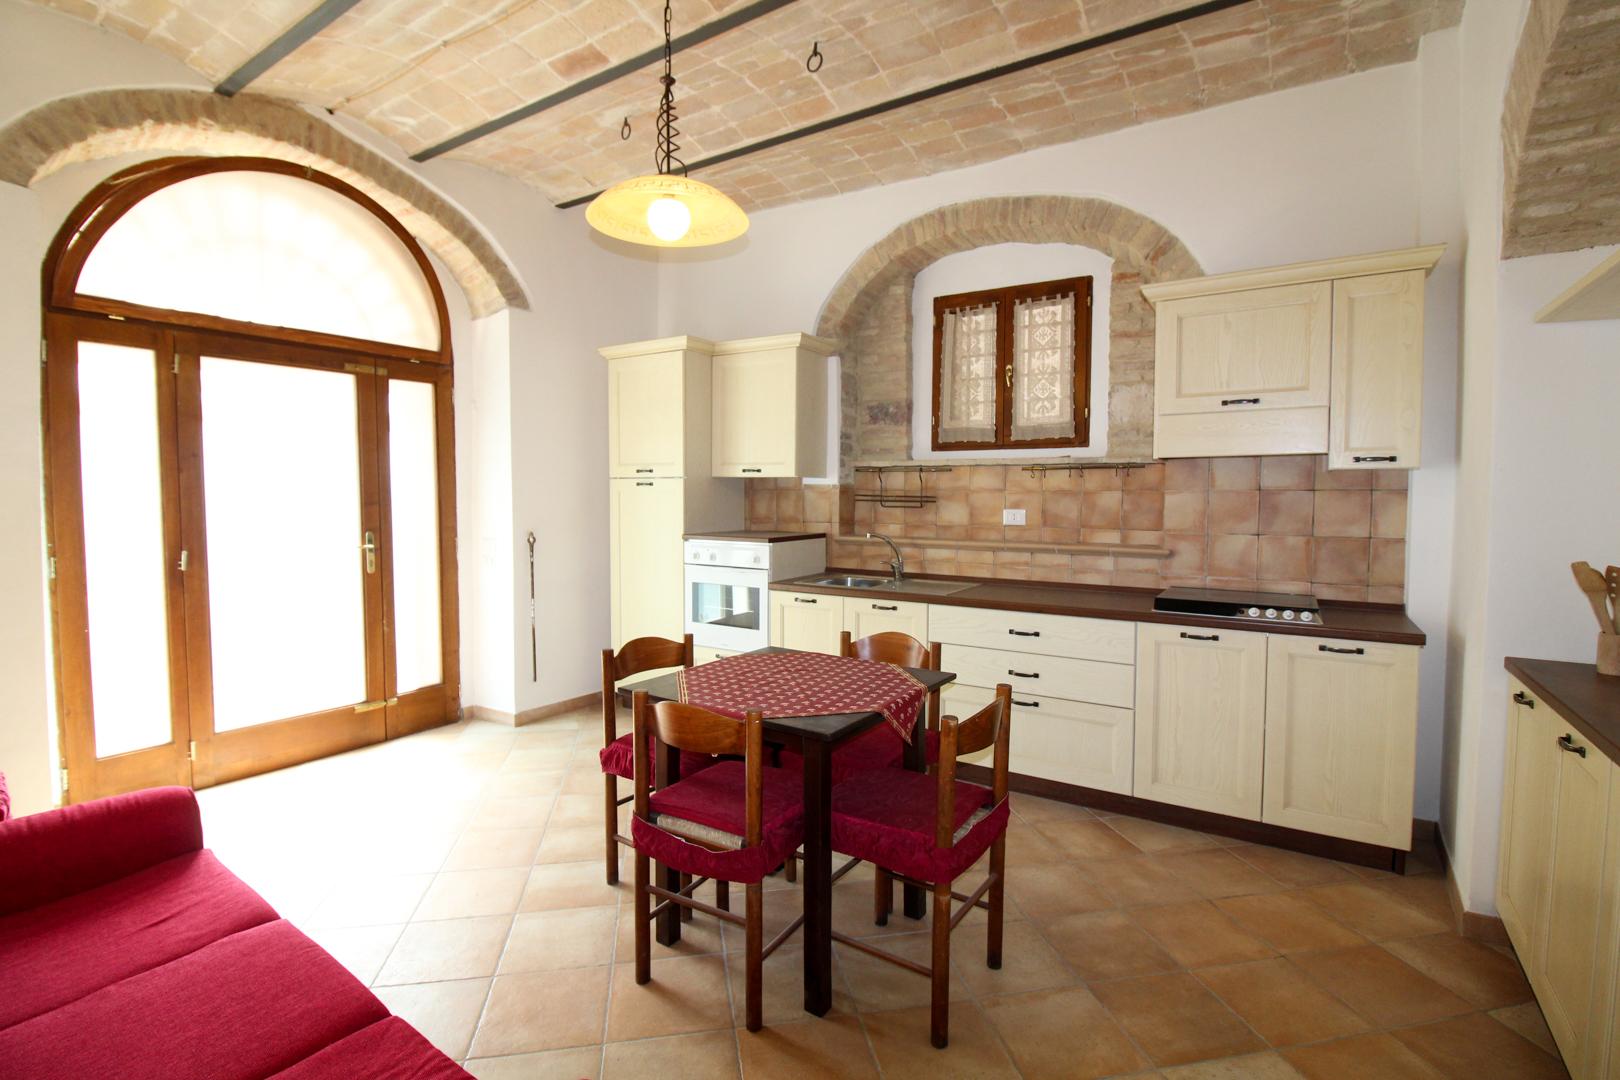 vendita appartamento assisi assisi centro  190000 euro  3 locali  85 mq